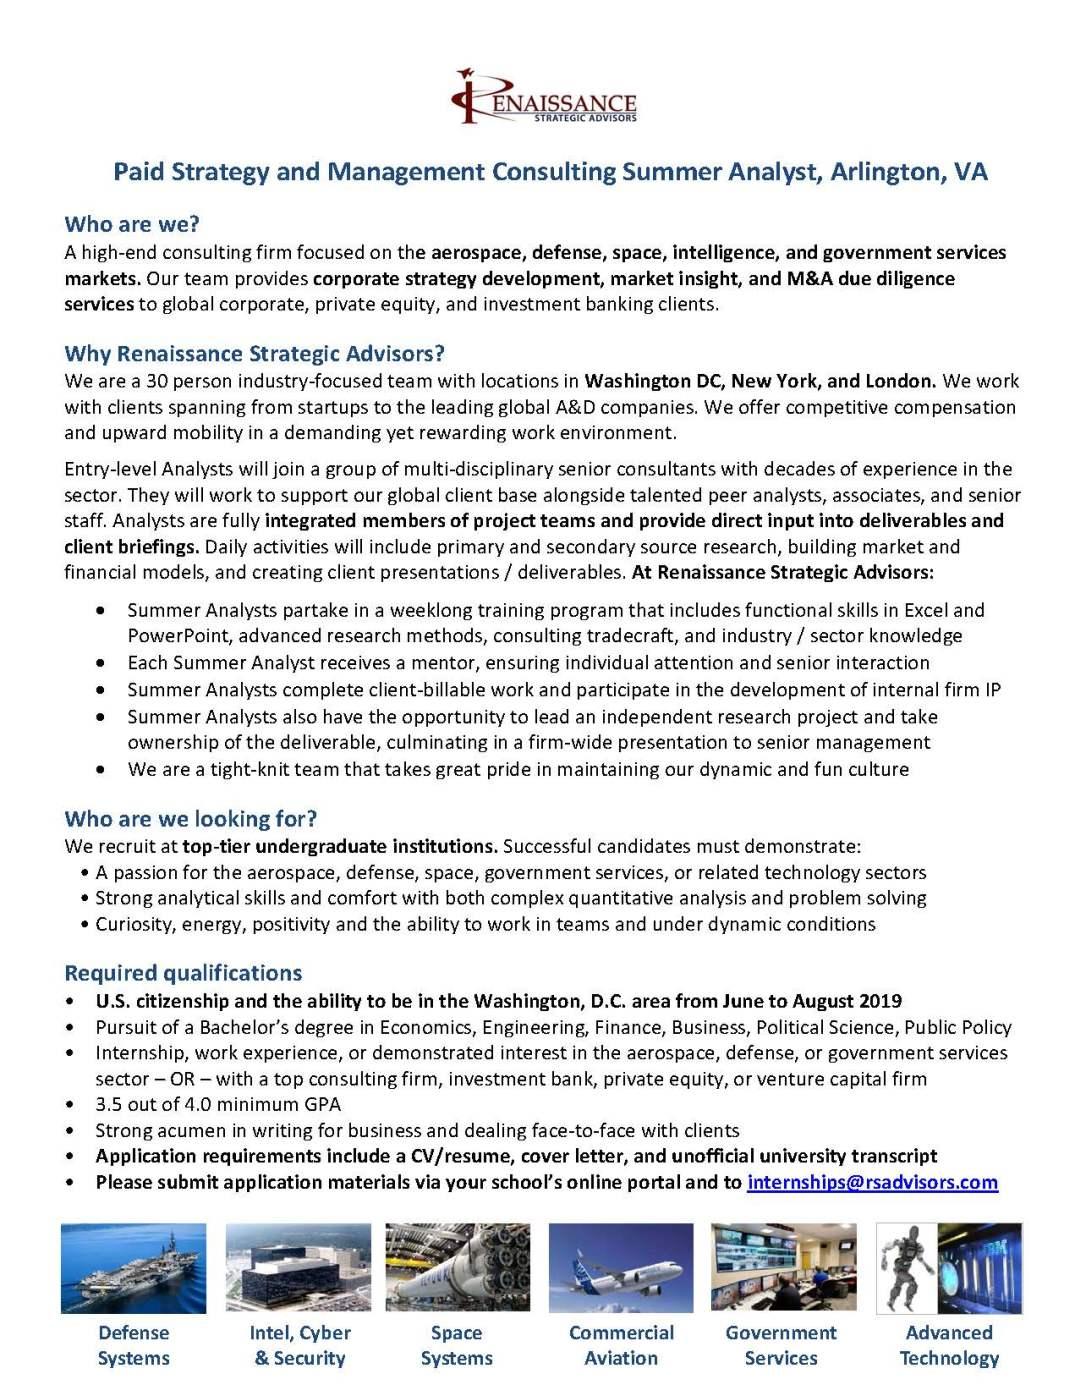 RSAdvisors Summer Analyst Position Description - August 2018 INTERNSHIP.jpg